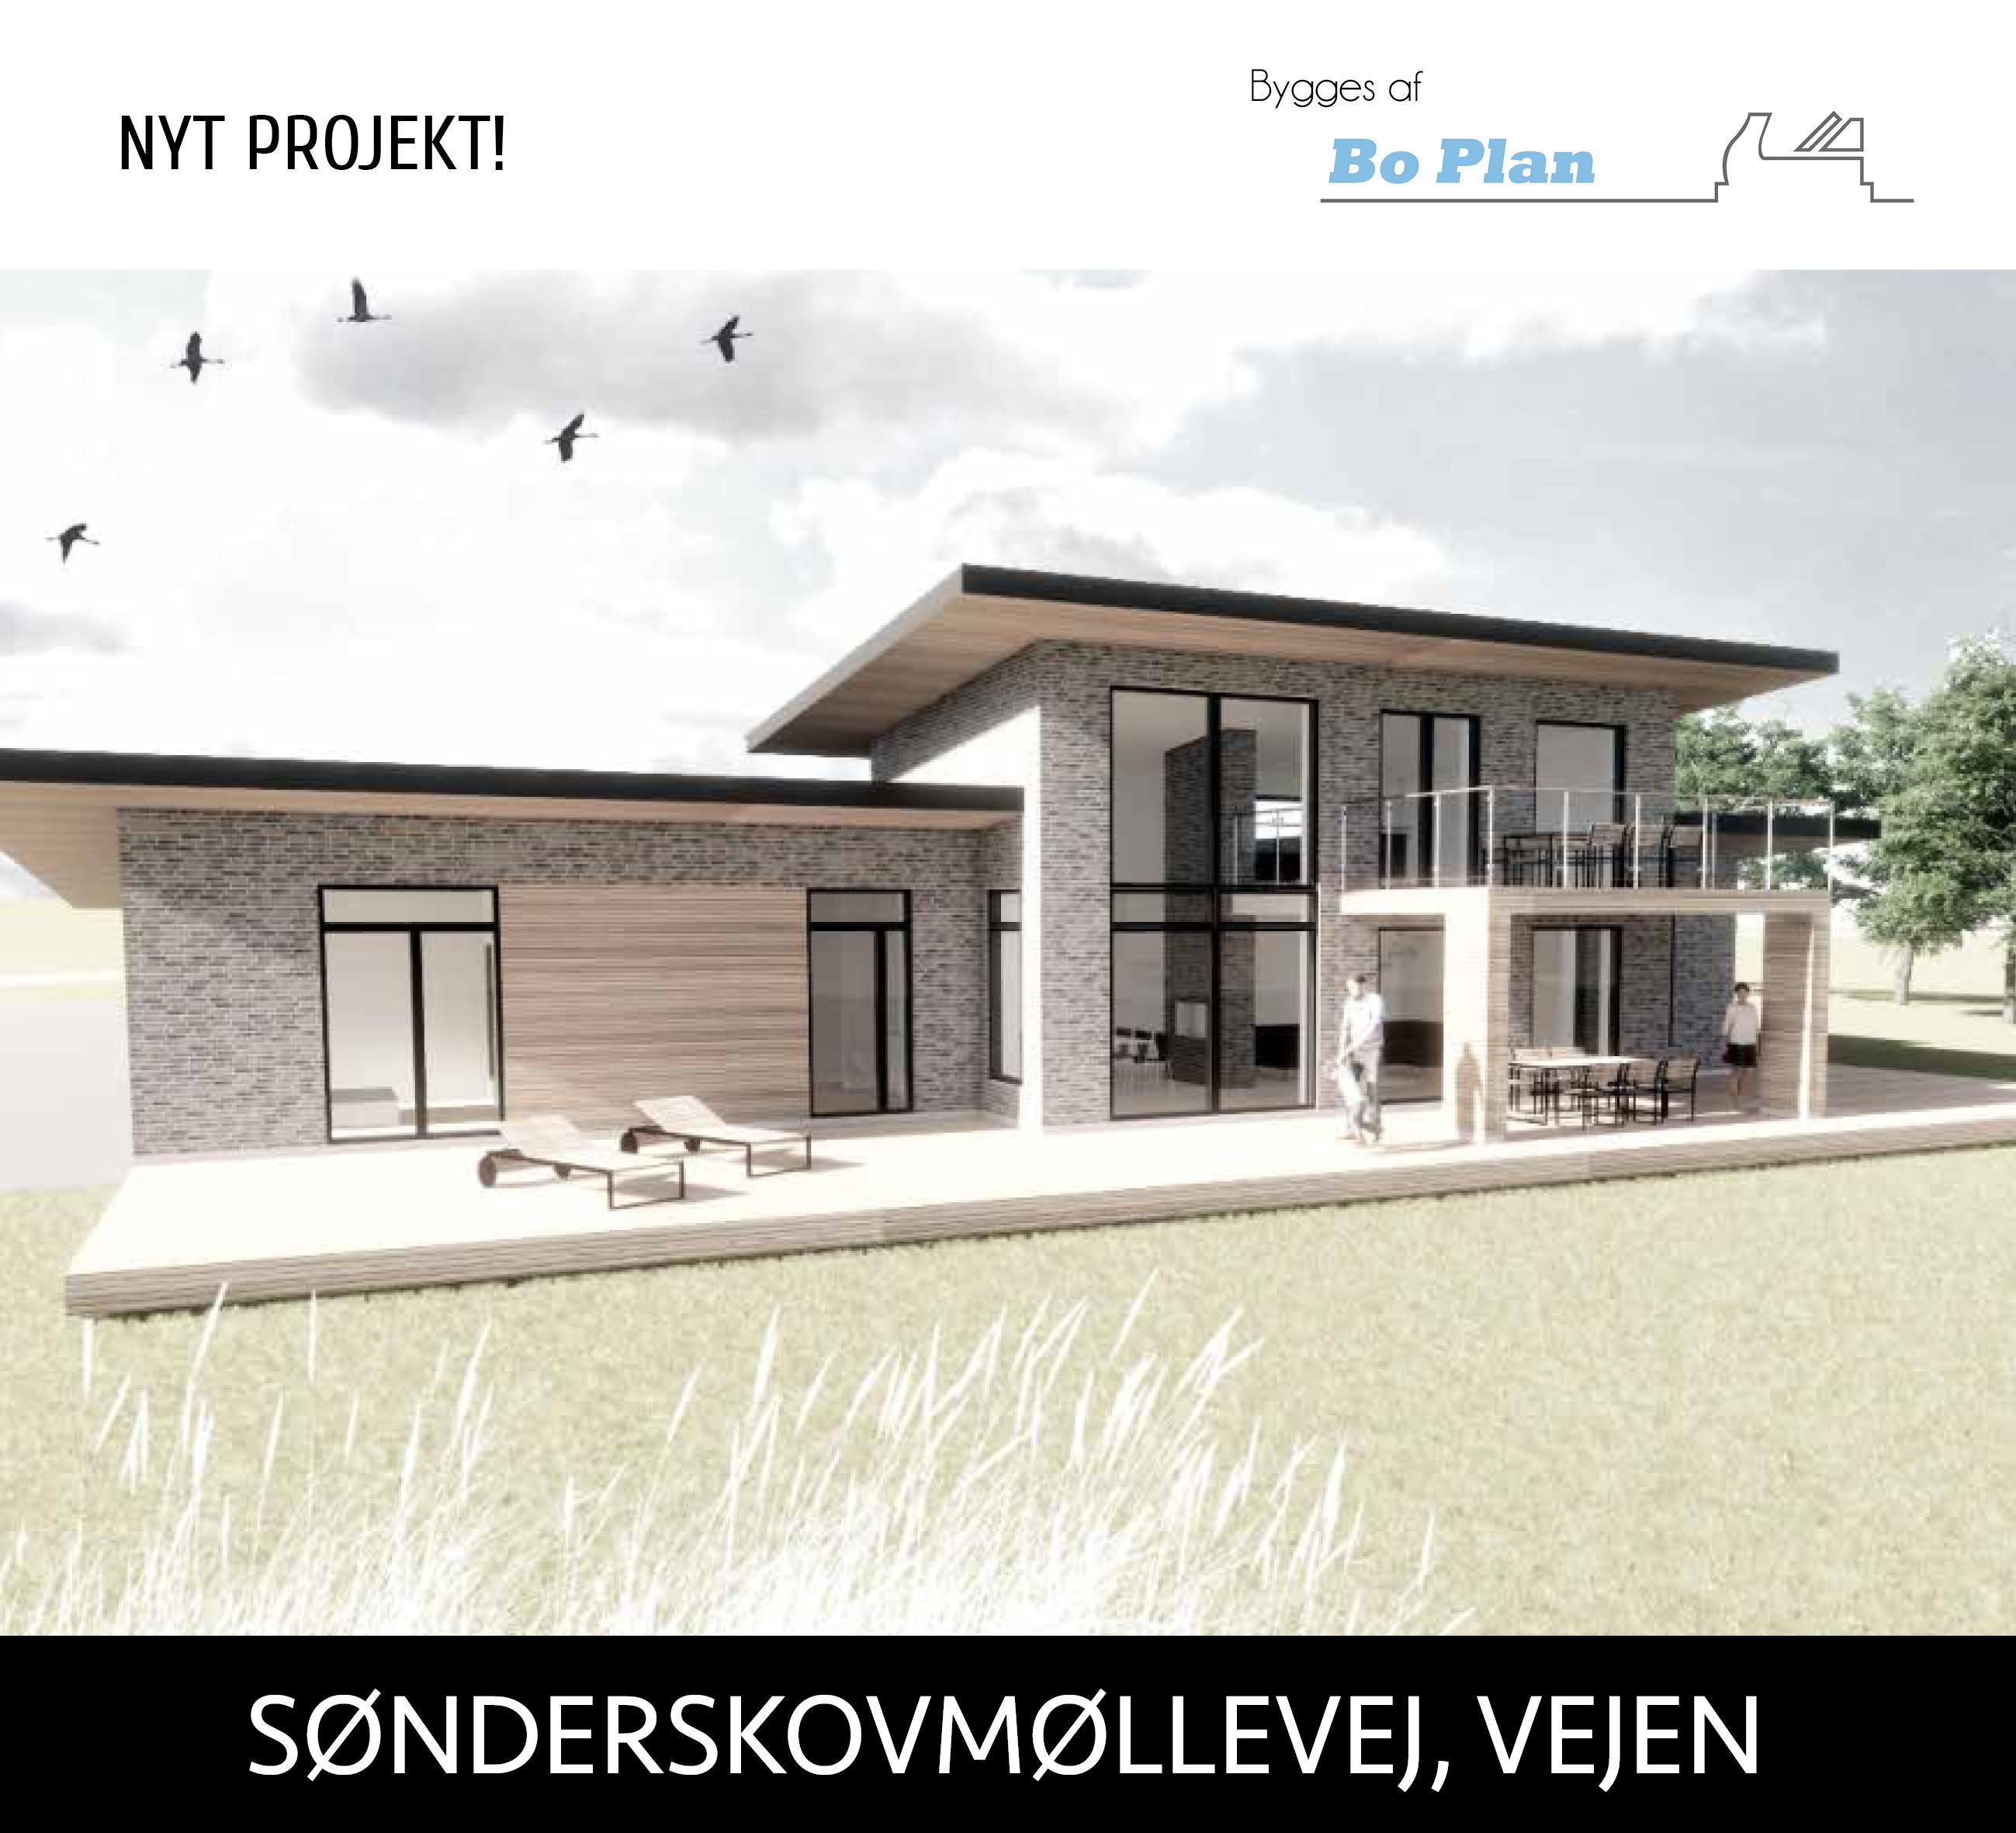 Sønderskovmøllevej,Vejen2